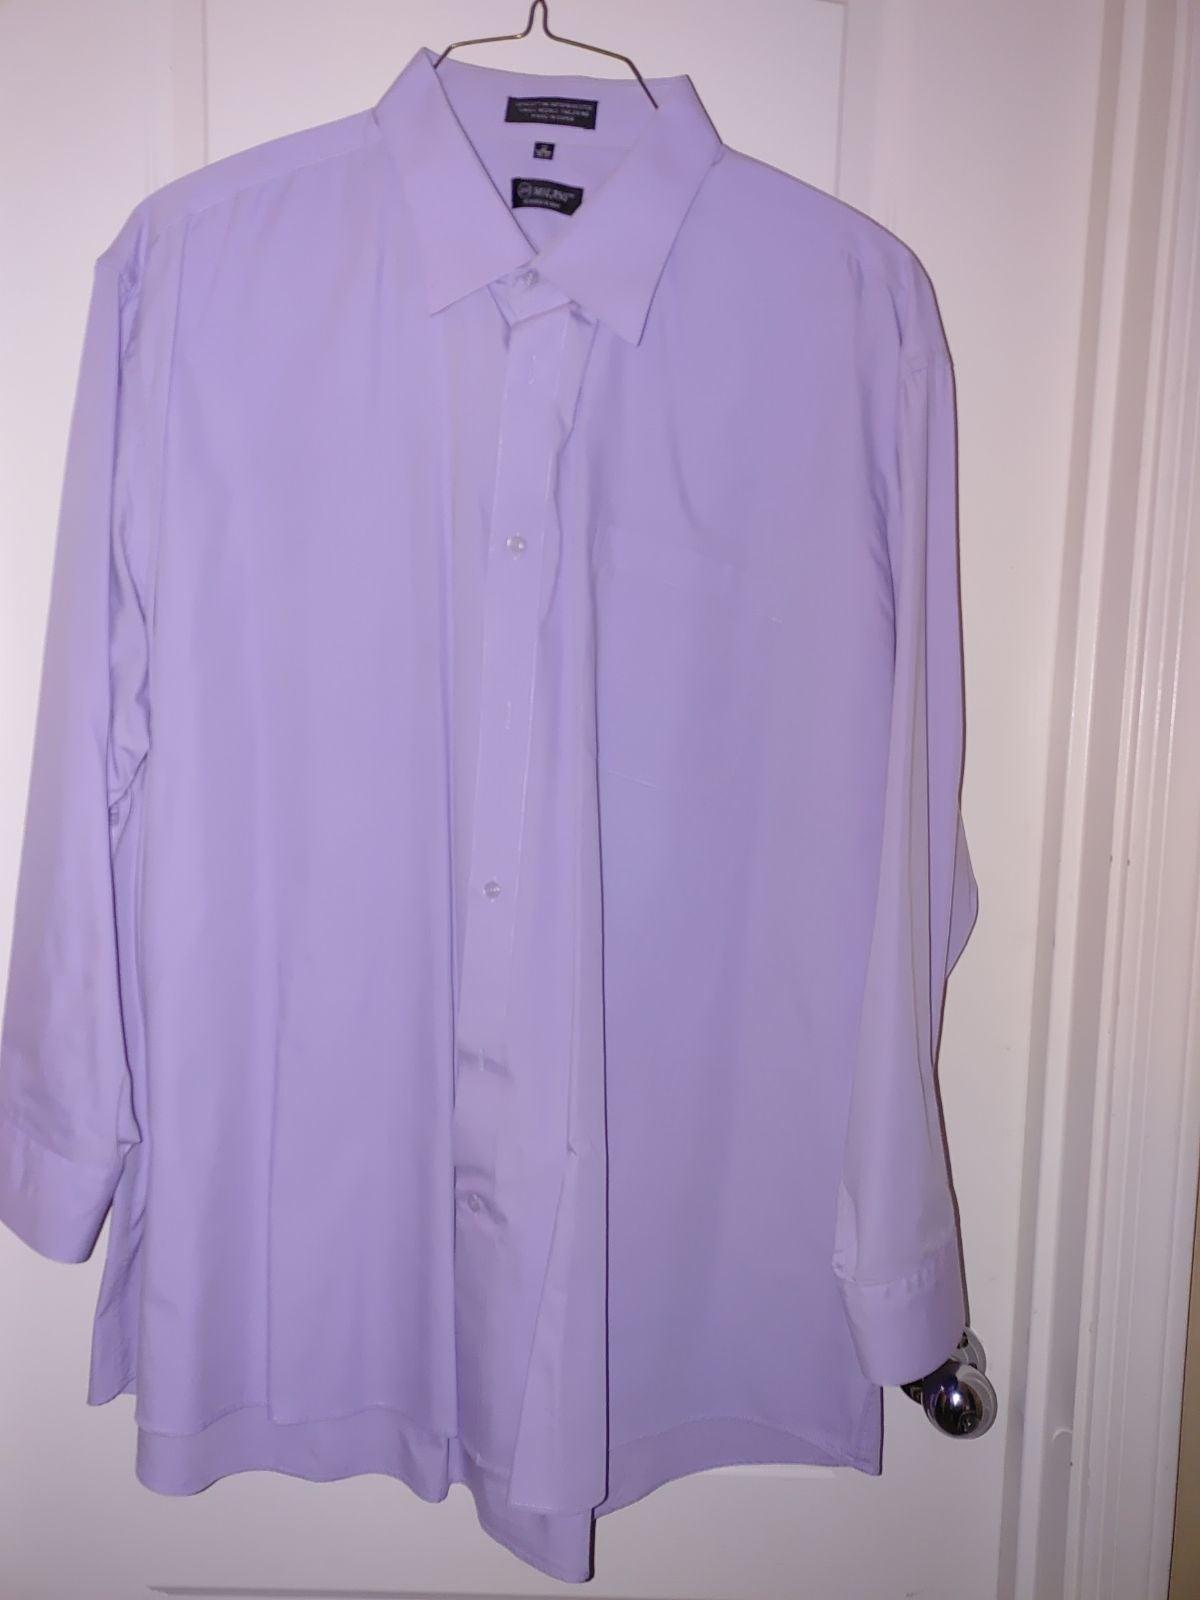 Men's Big and Tall dress shirt